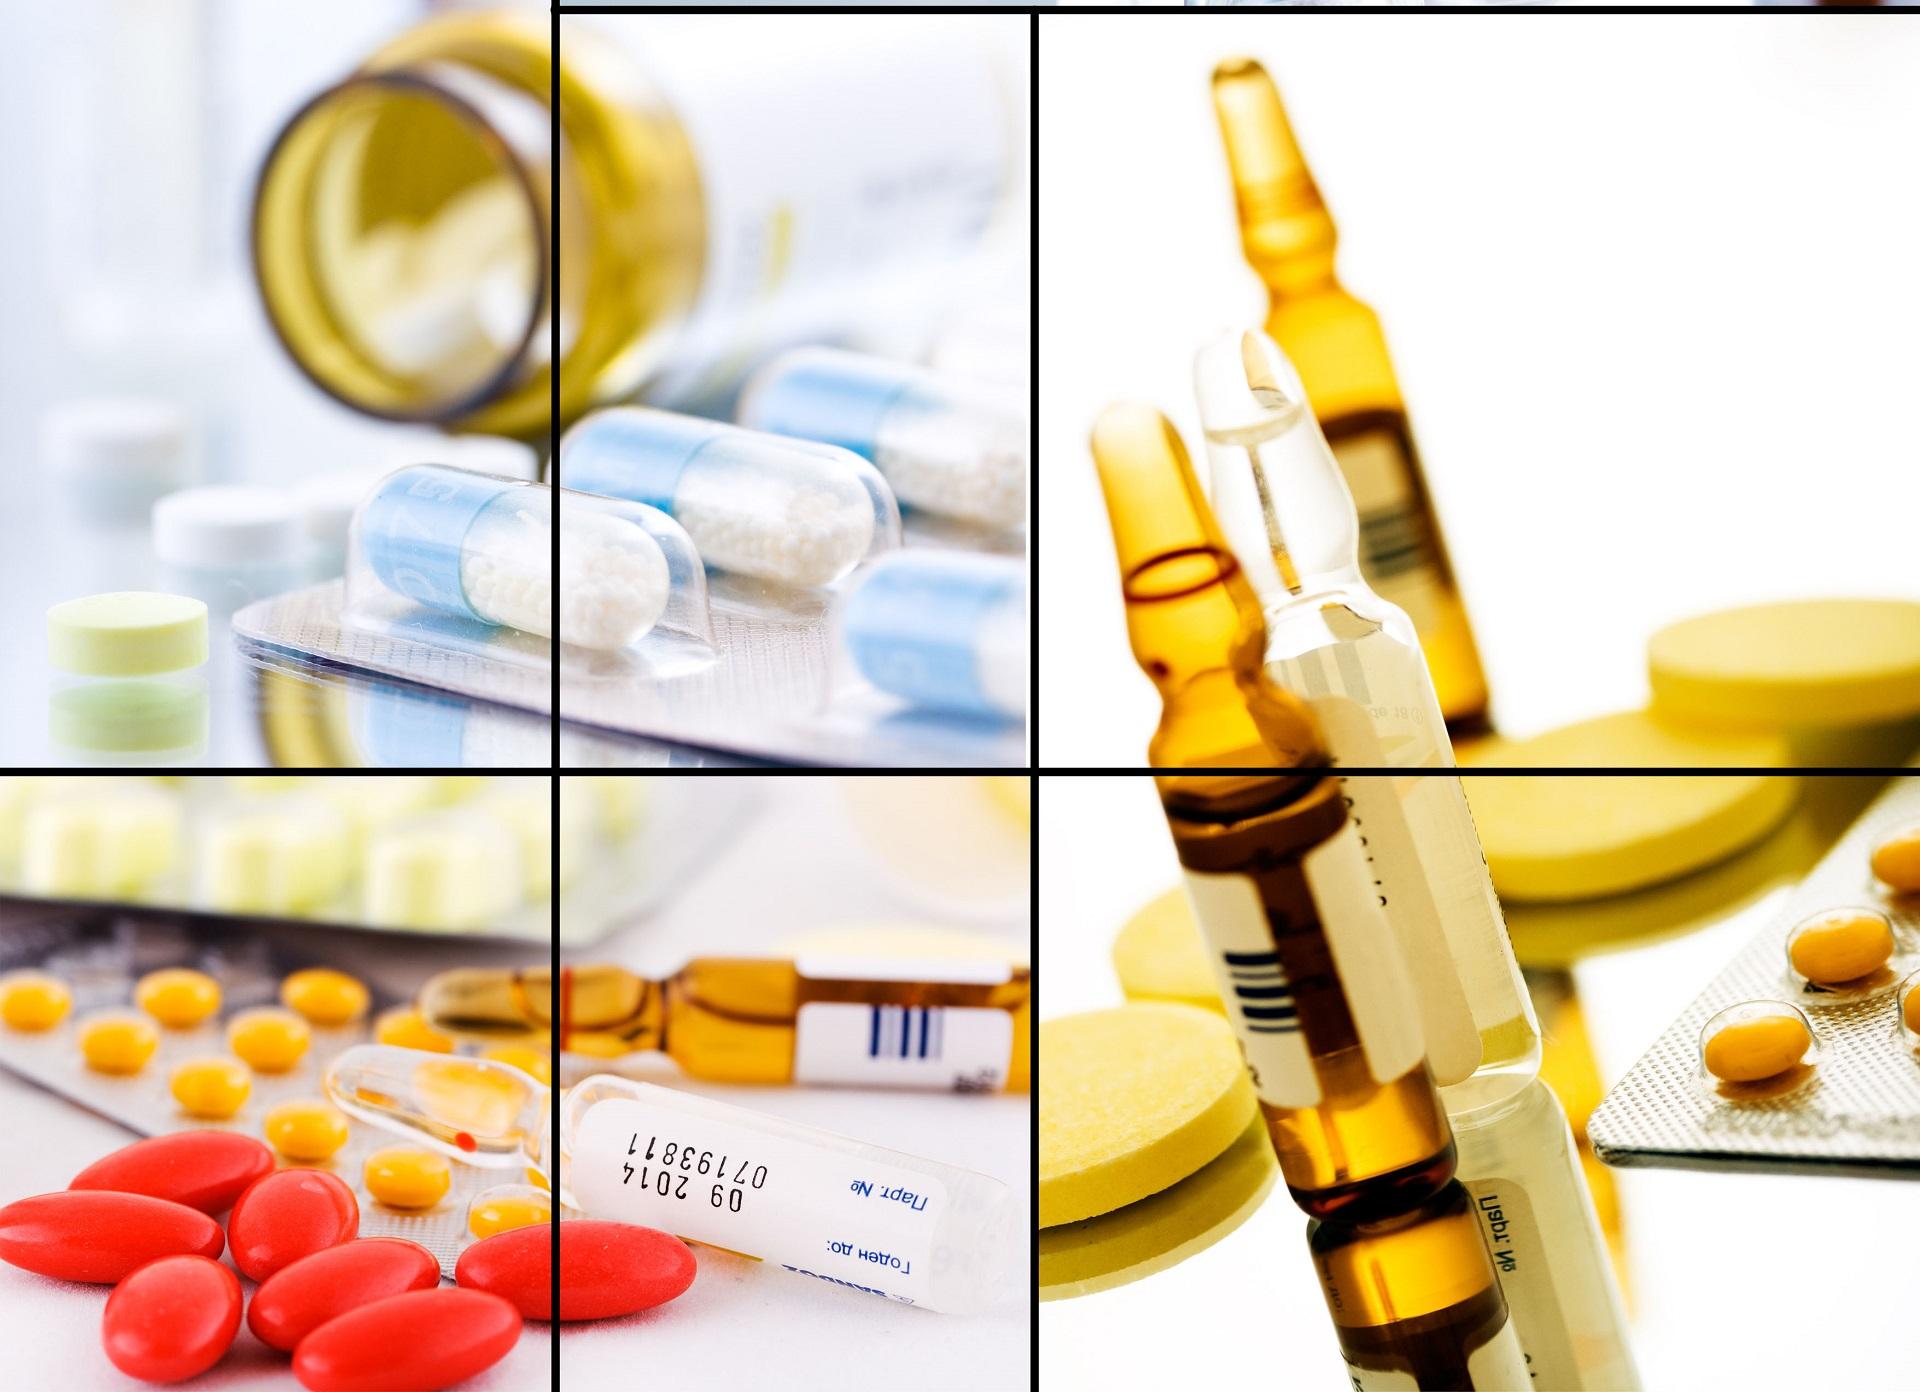 Гормональные контрацептивы: вред или польза